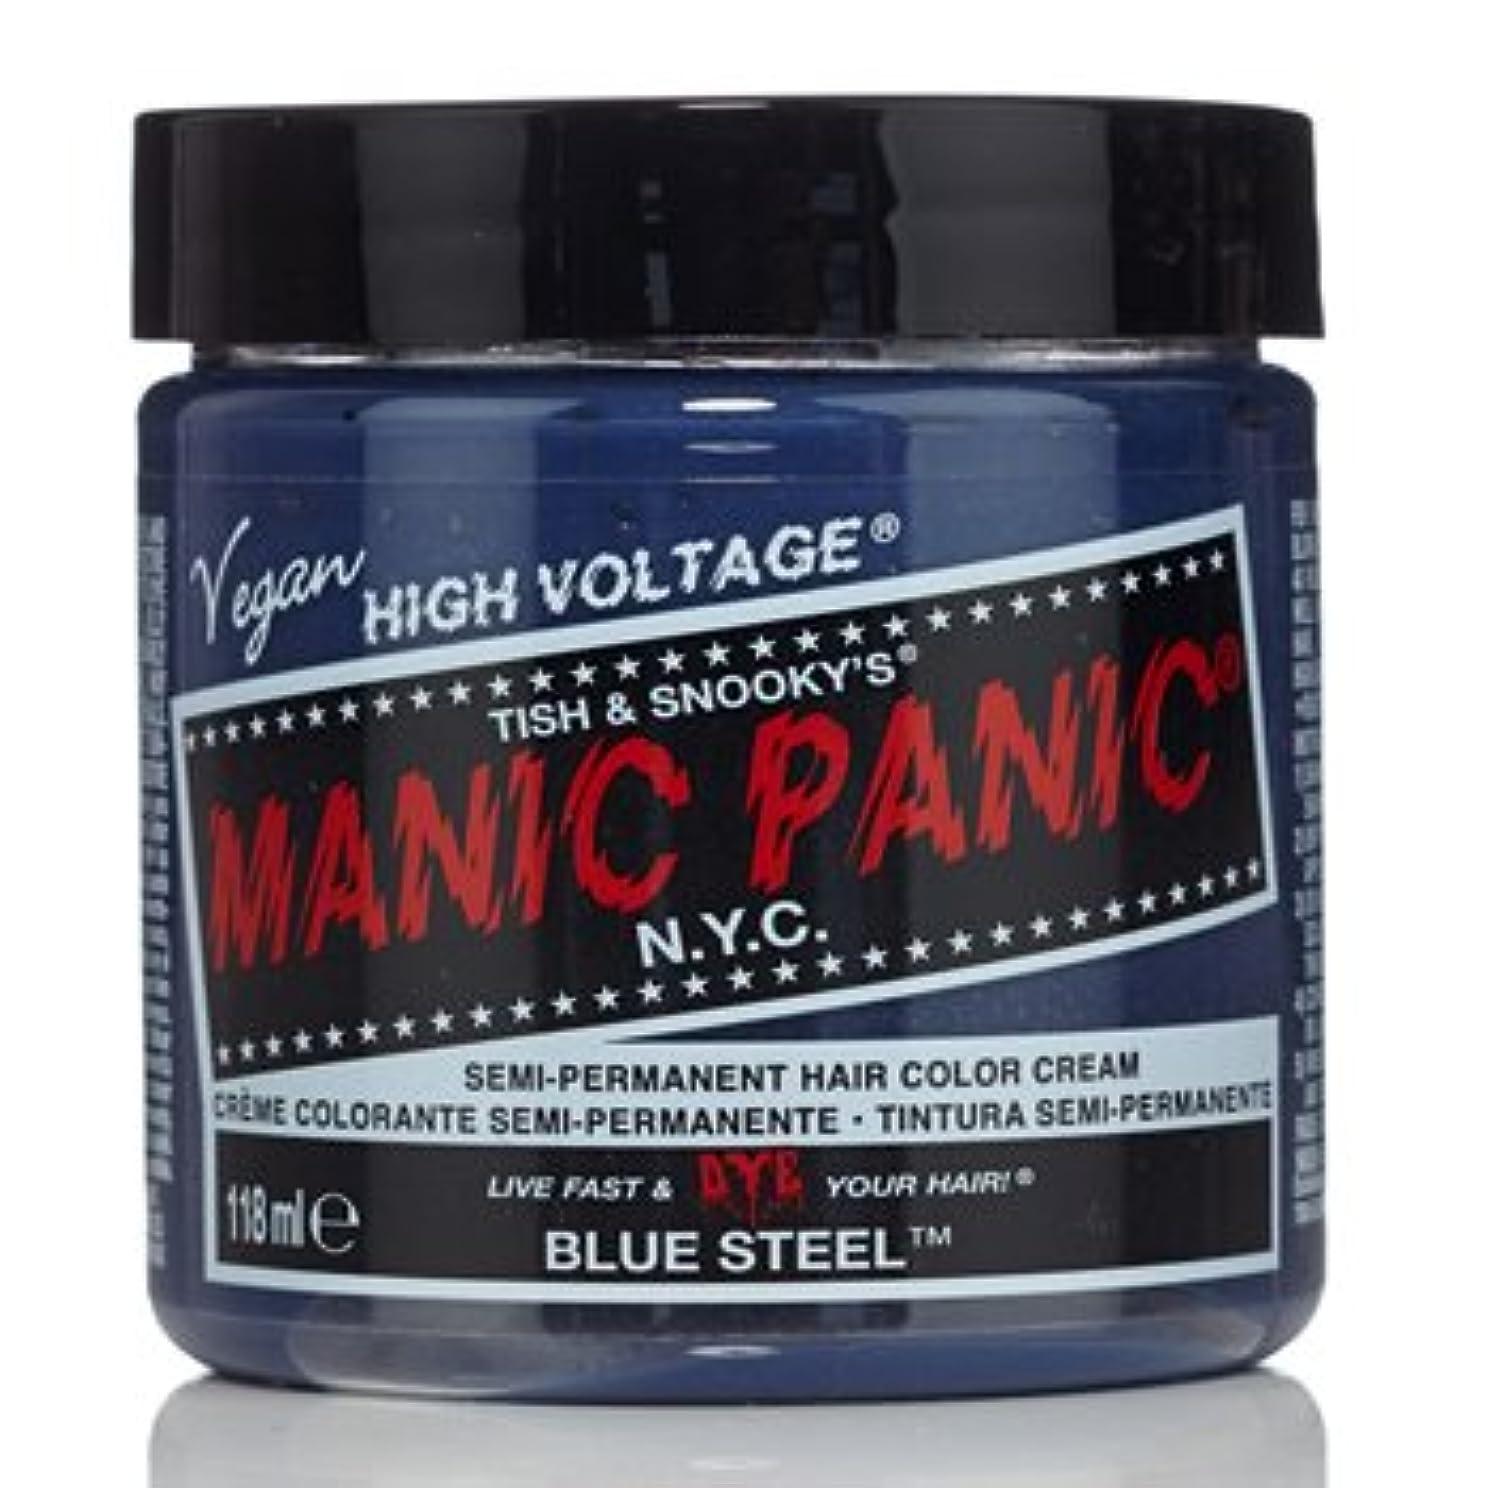 におい低い後ろに【3個セット】MANIC PANIC マニックパニック ブルースティール MC11052 118ml